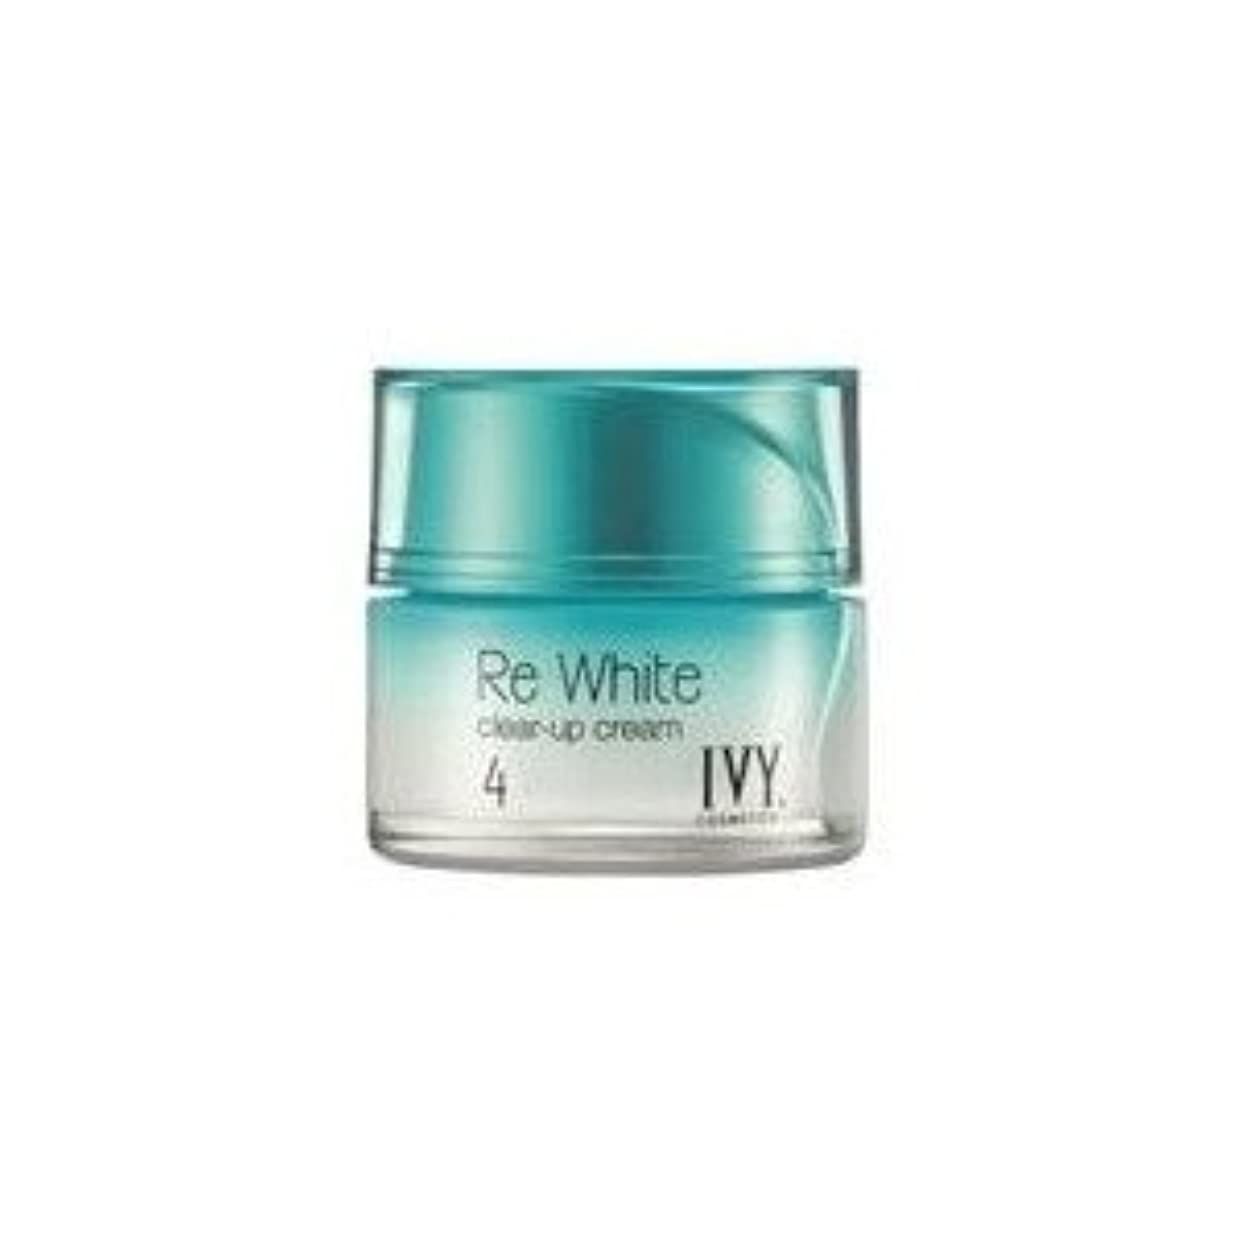 笑いパーツアラートアイビー化粧品 リ ホワイト クリアアップ クリーム  (乳液 ? クリーム) 30g